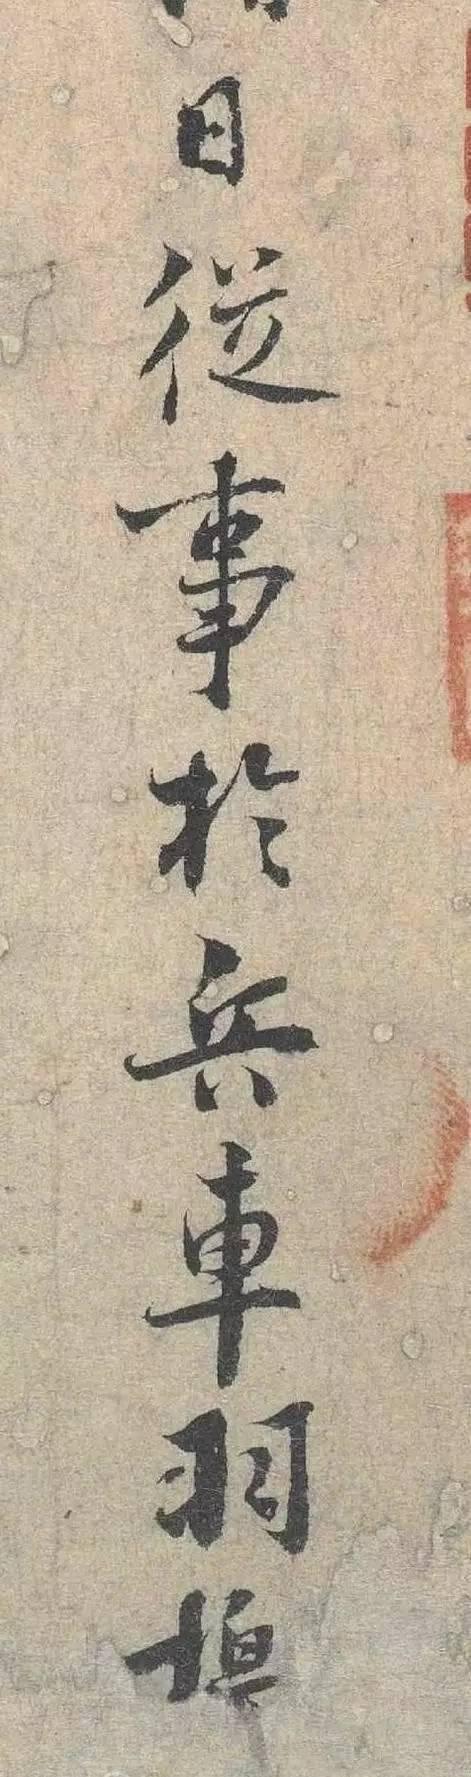 辛弃疾唯一存世书法墨迹 - 张庆瑞65 - 百纳袈裟